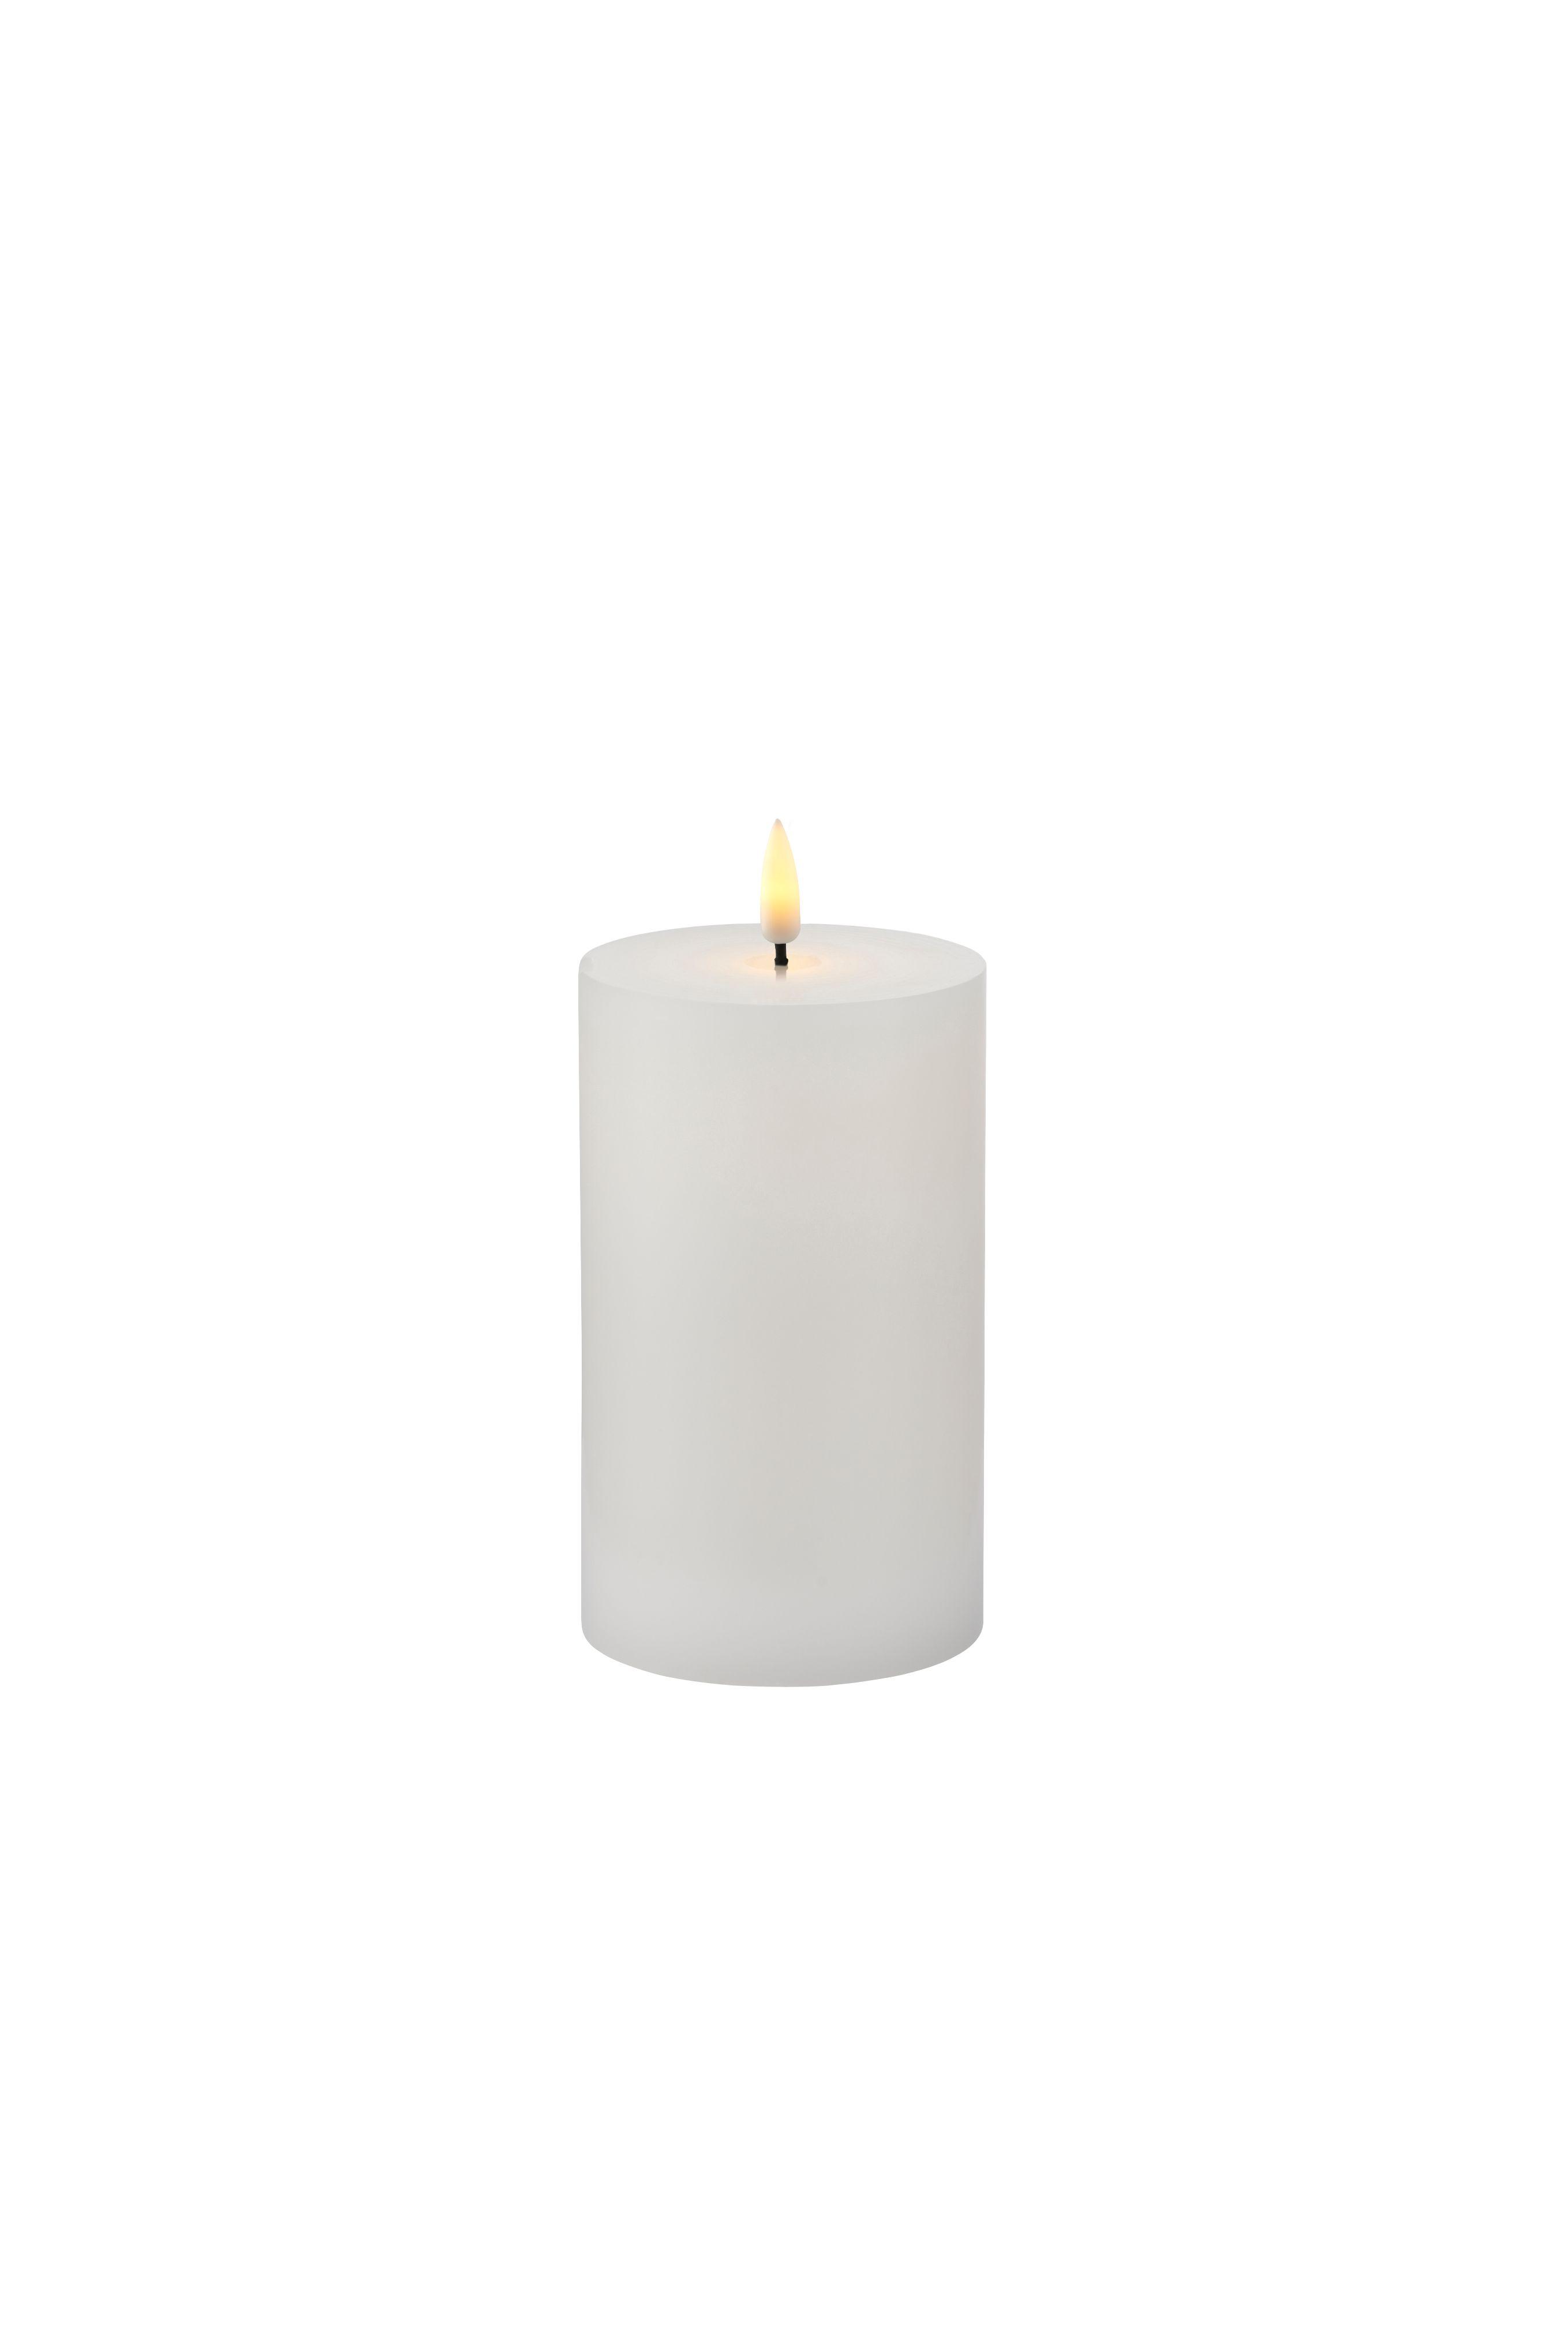 Sirius Sille Exclusive lys, 7,5x12,5 cm, hvid